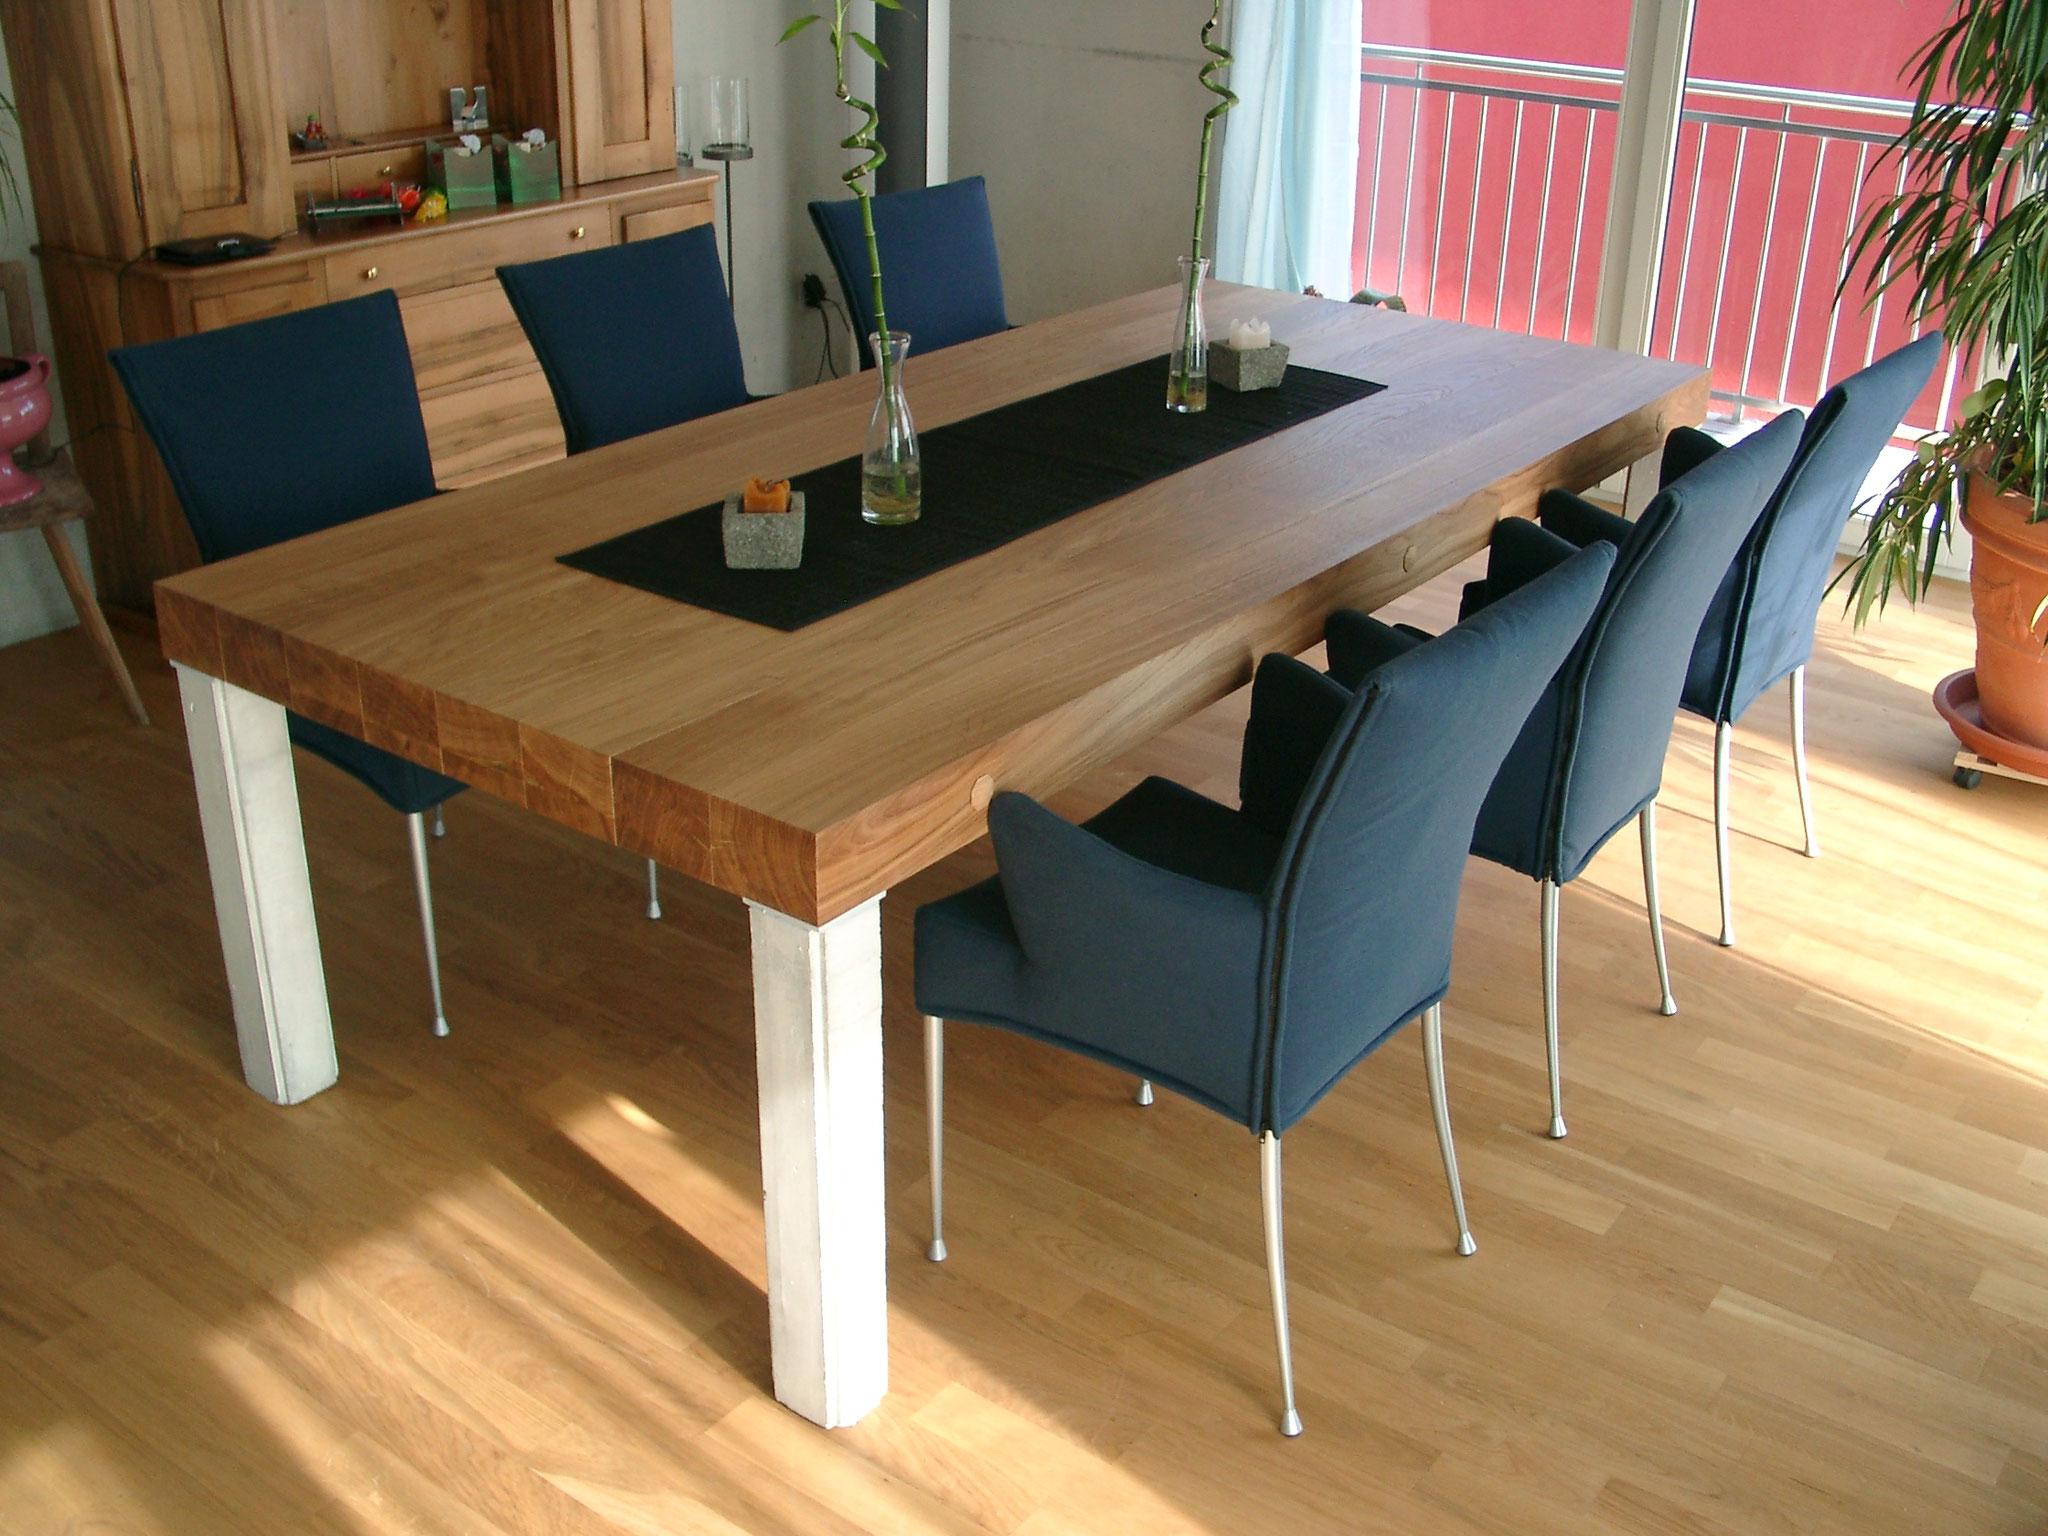 Tisch auf Mass - Gut Schreinerei Mauensee | Innenausbau ...